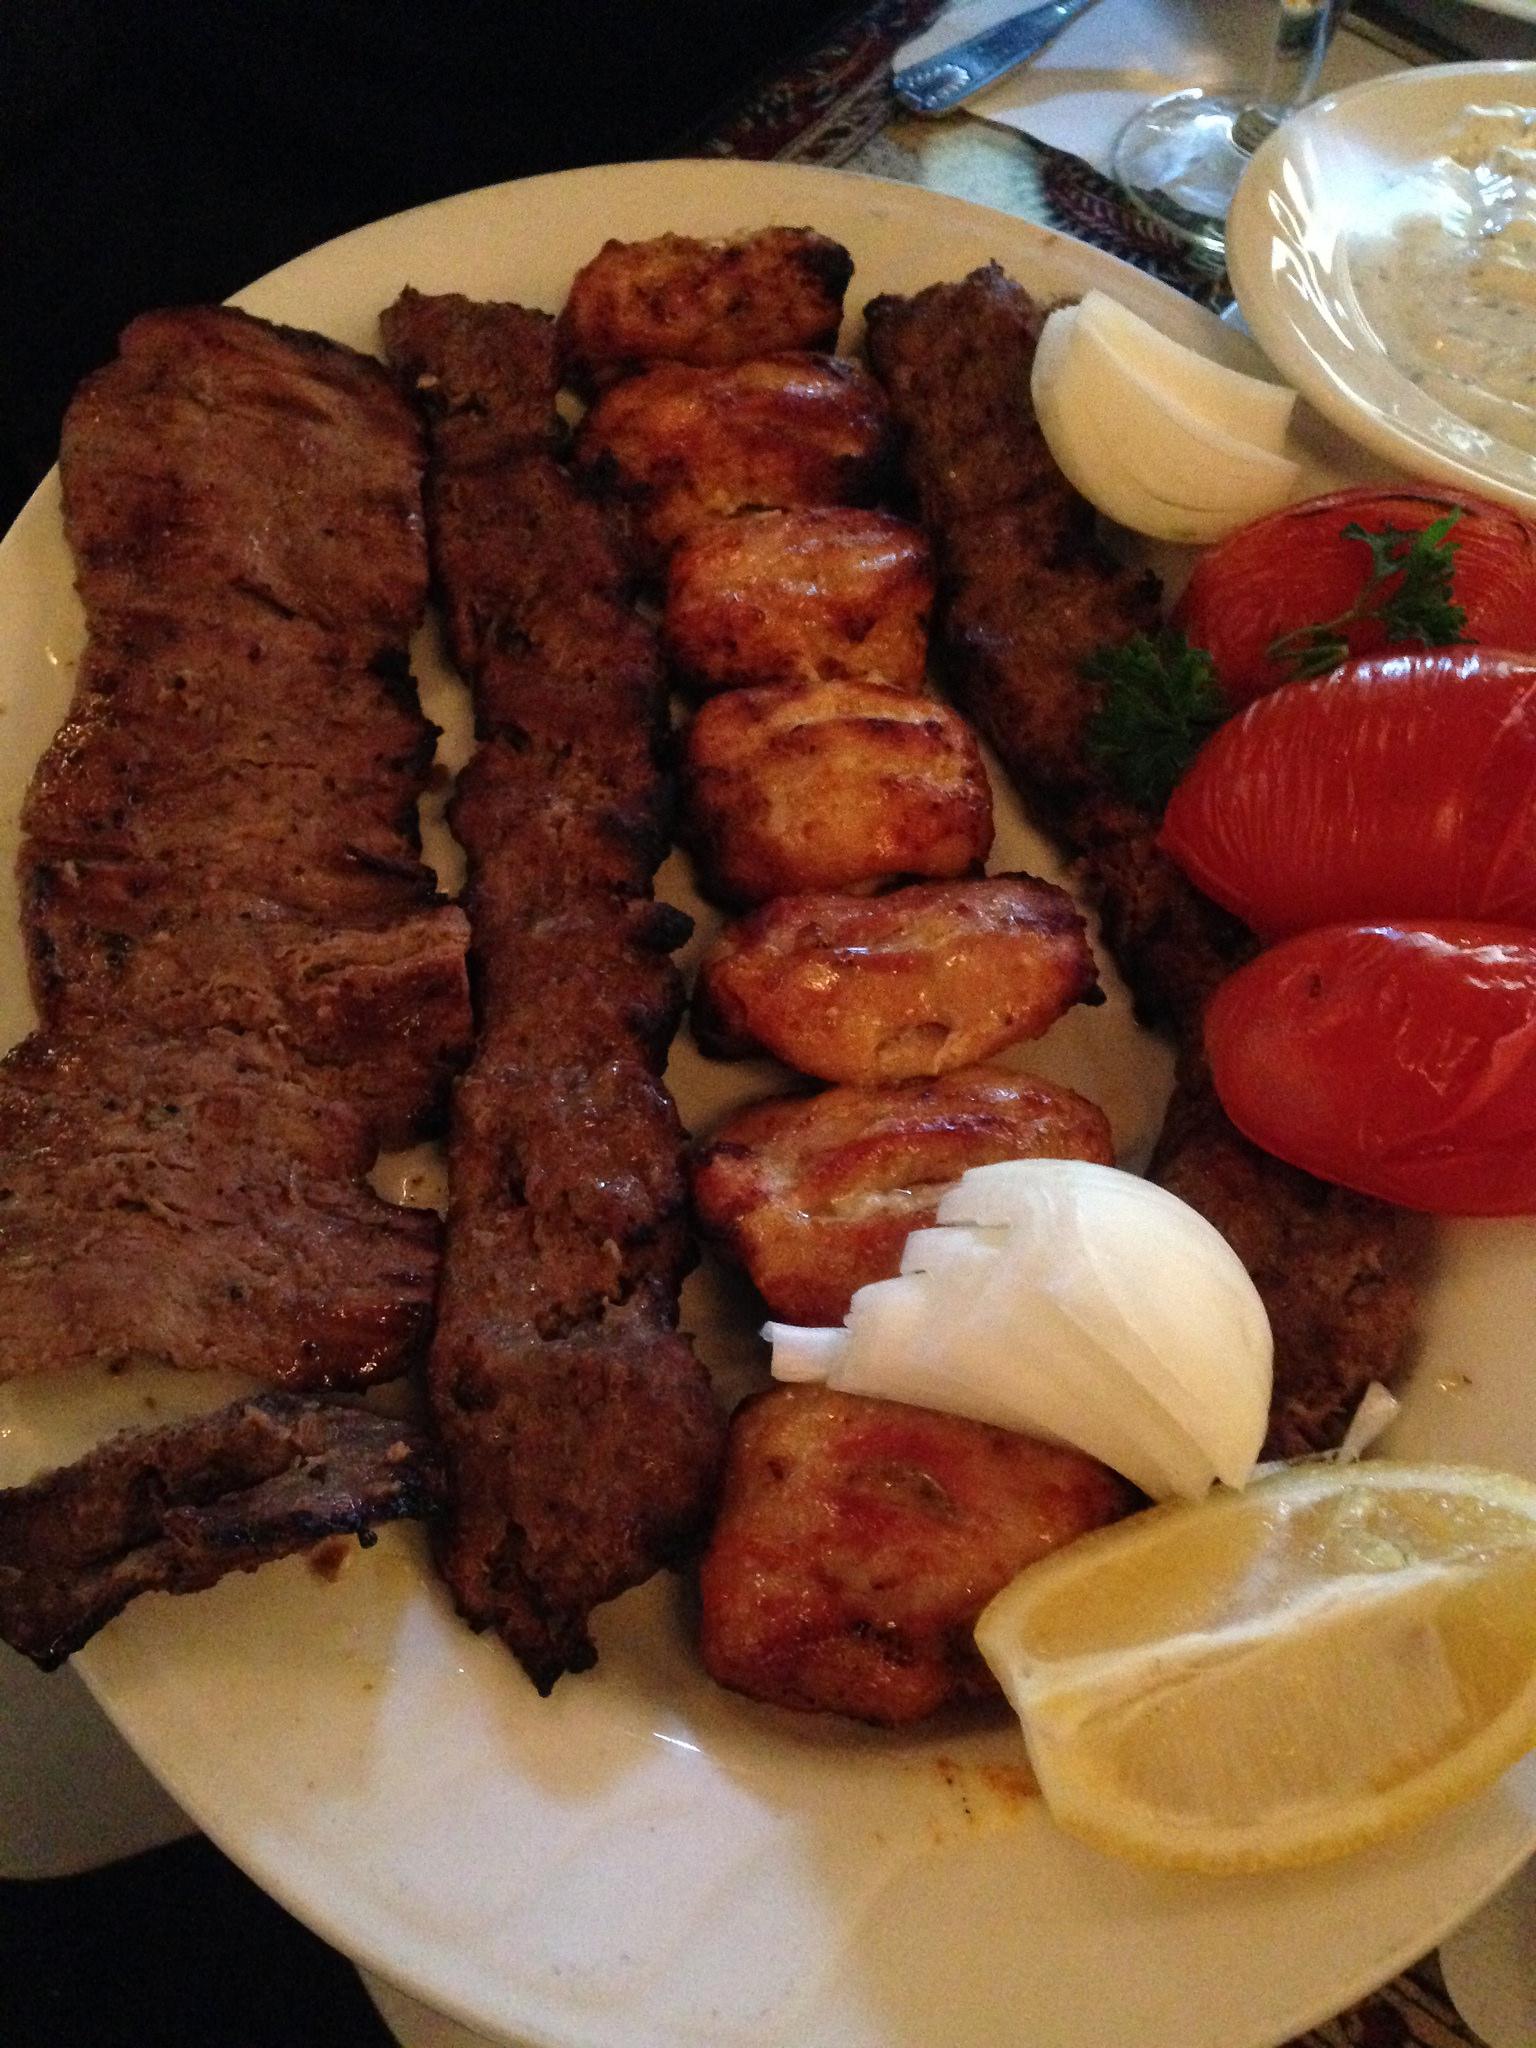 1_10 restaurants in sunnyvale